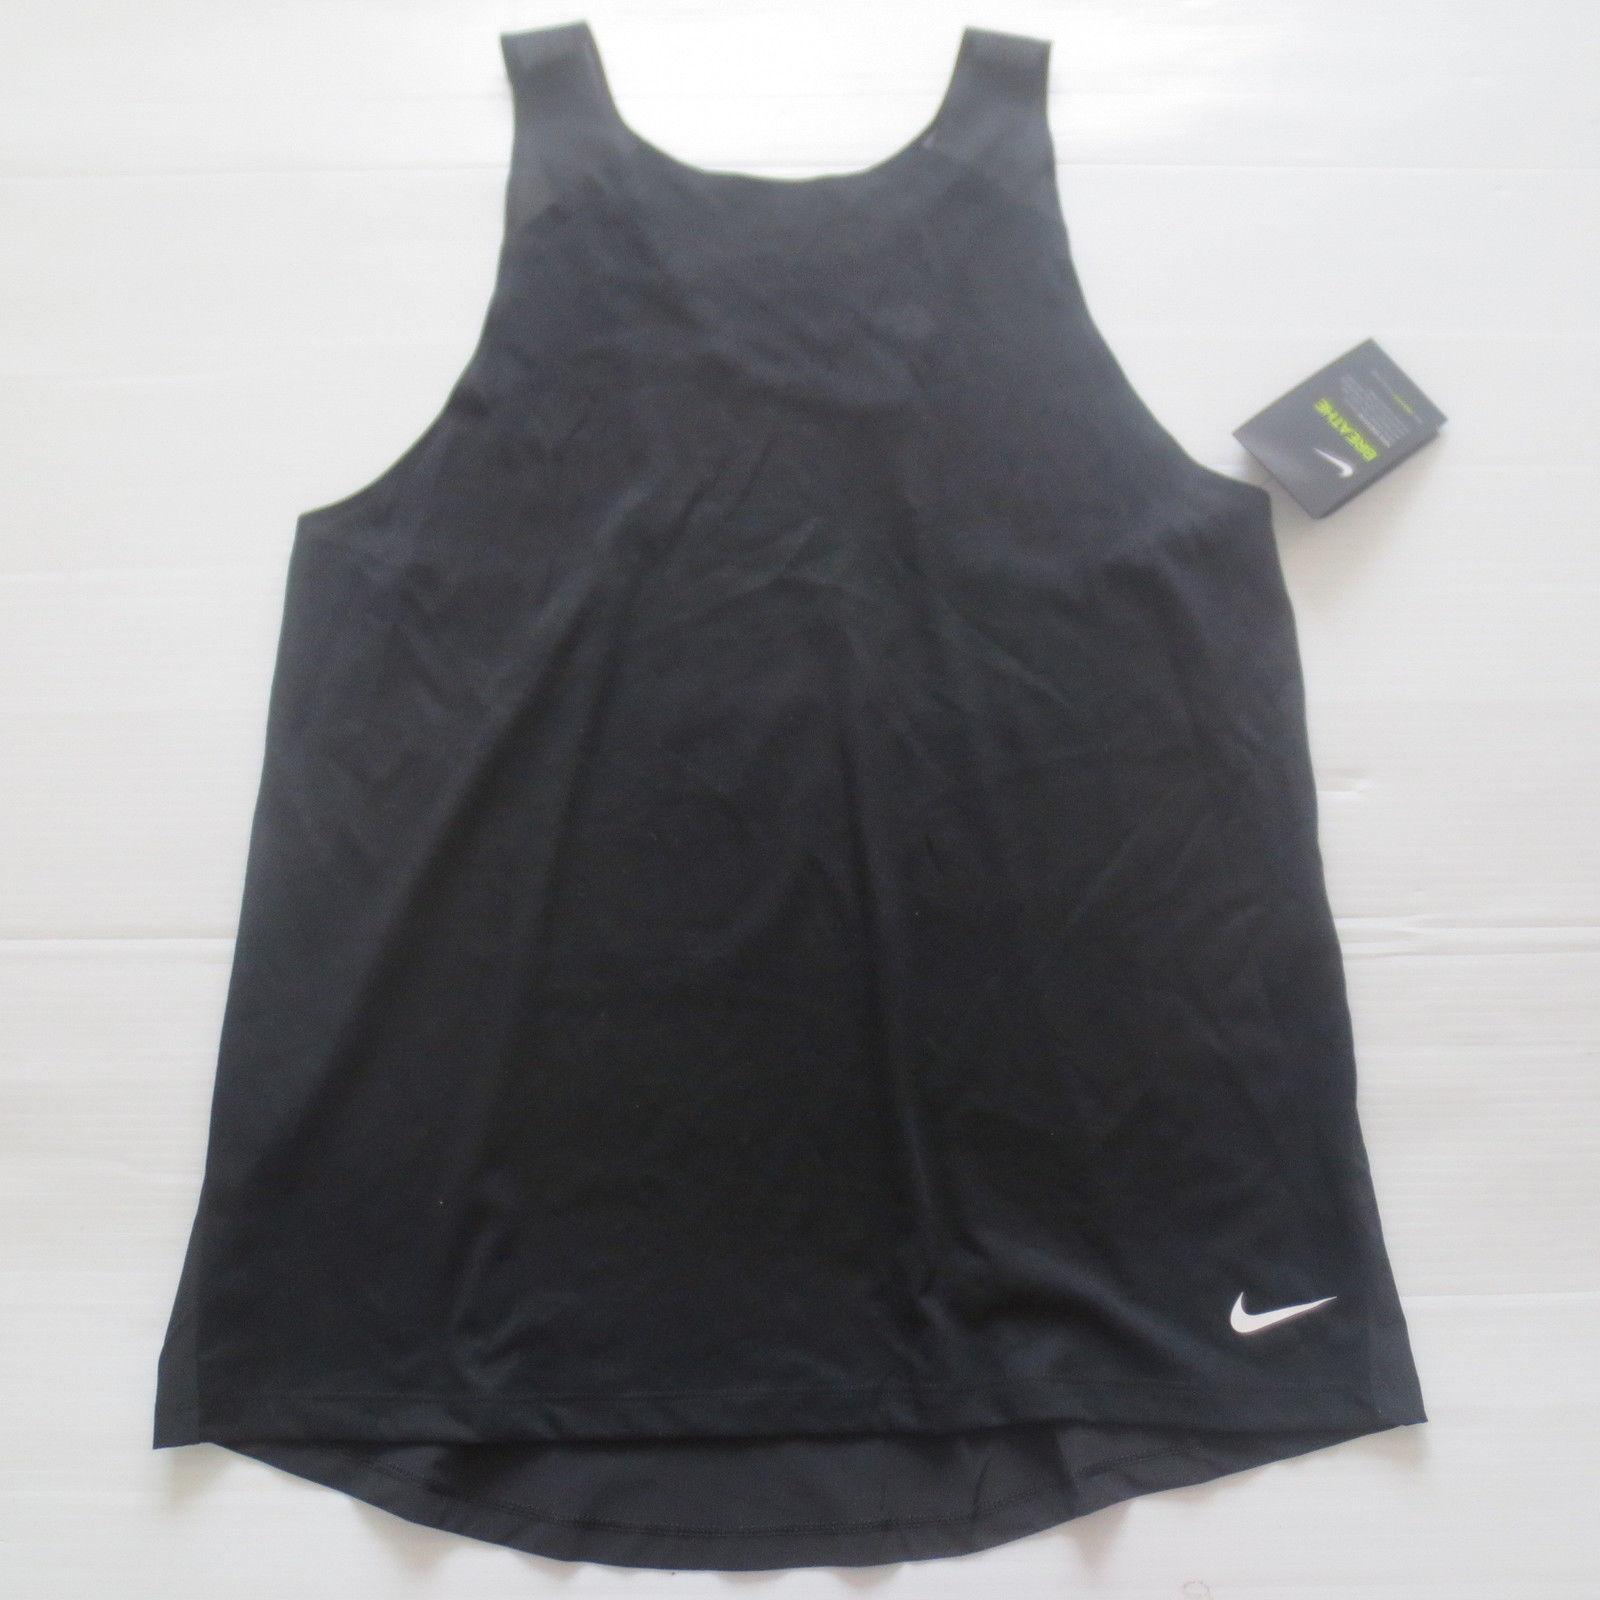 Nike Women Breathe Tank Top Shirt - 862774 - Black 010 - Size L - NWT